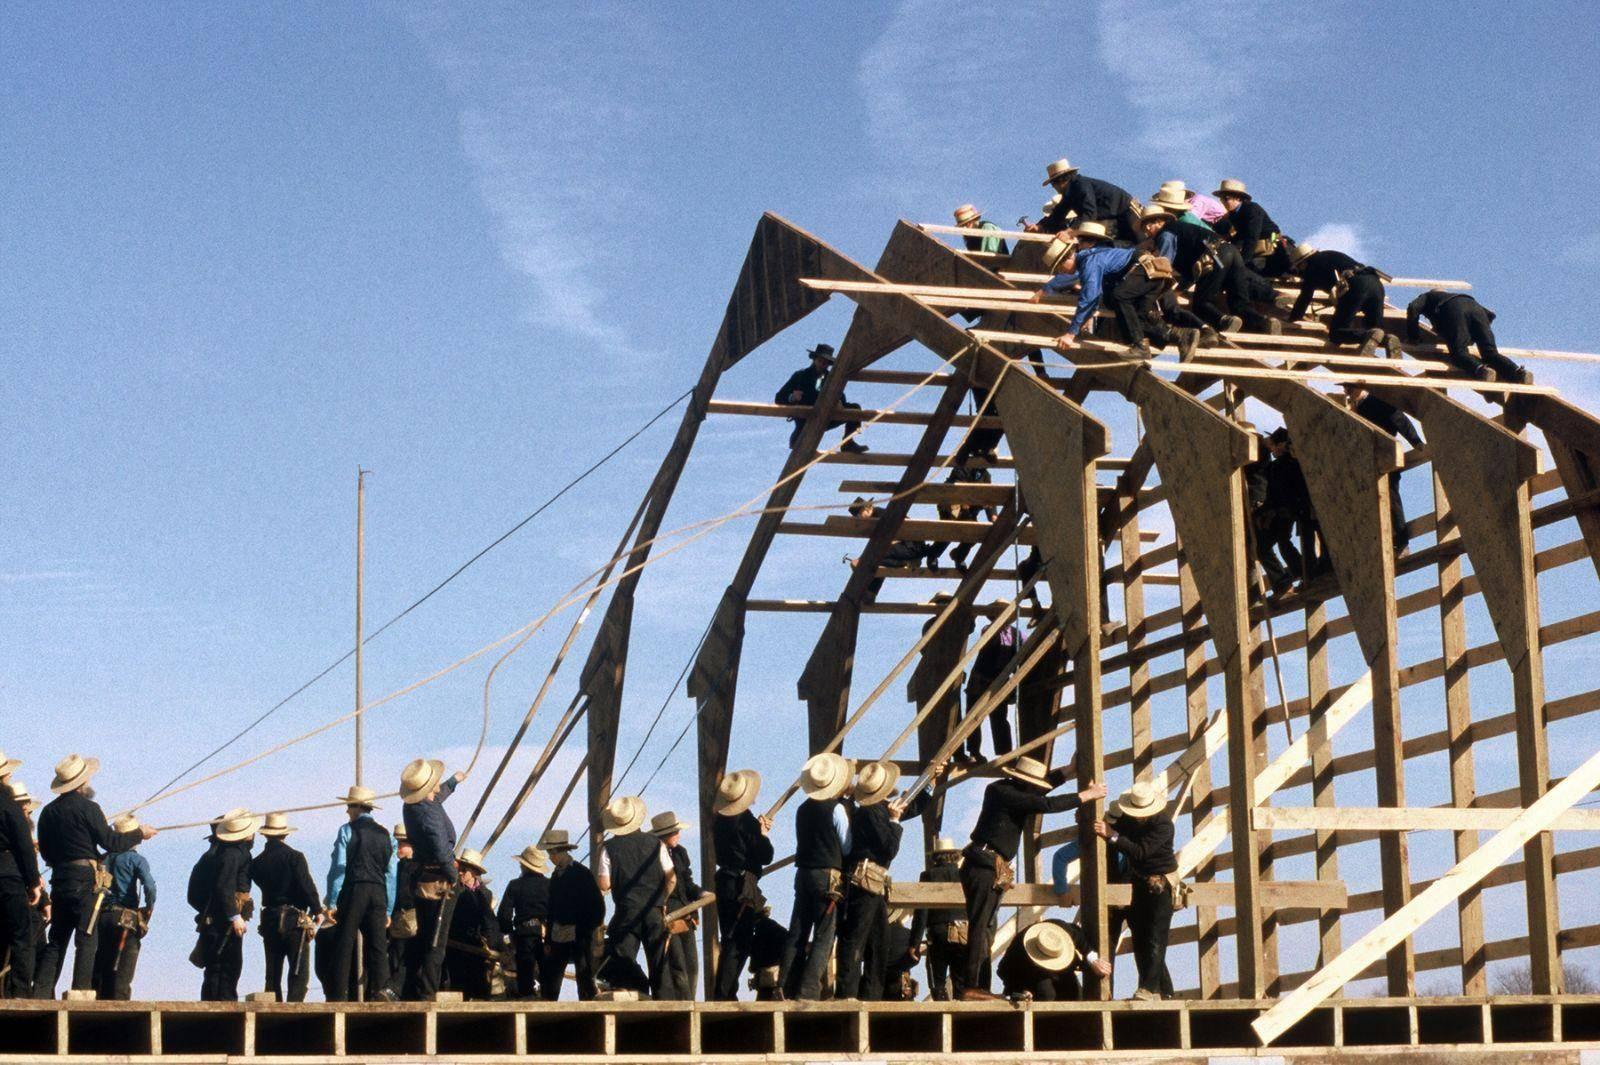 """مجموعة من أتباع طائفة """"أميش"""" البروتستانتية يشتركون في تشييد مزرعة في الولايات المتحدة. (DiscoverLancaster.com / Terry Ross)"""